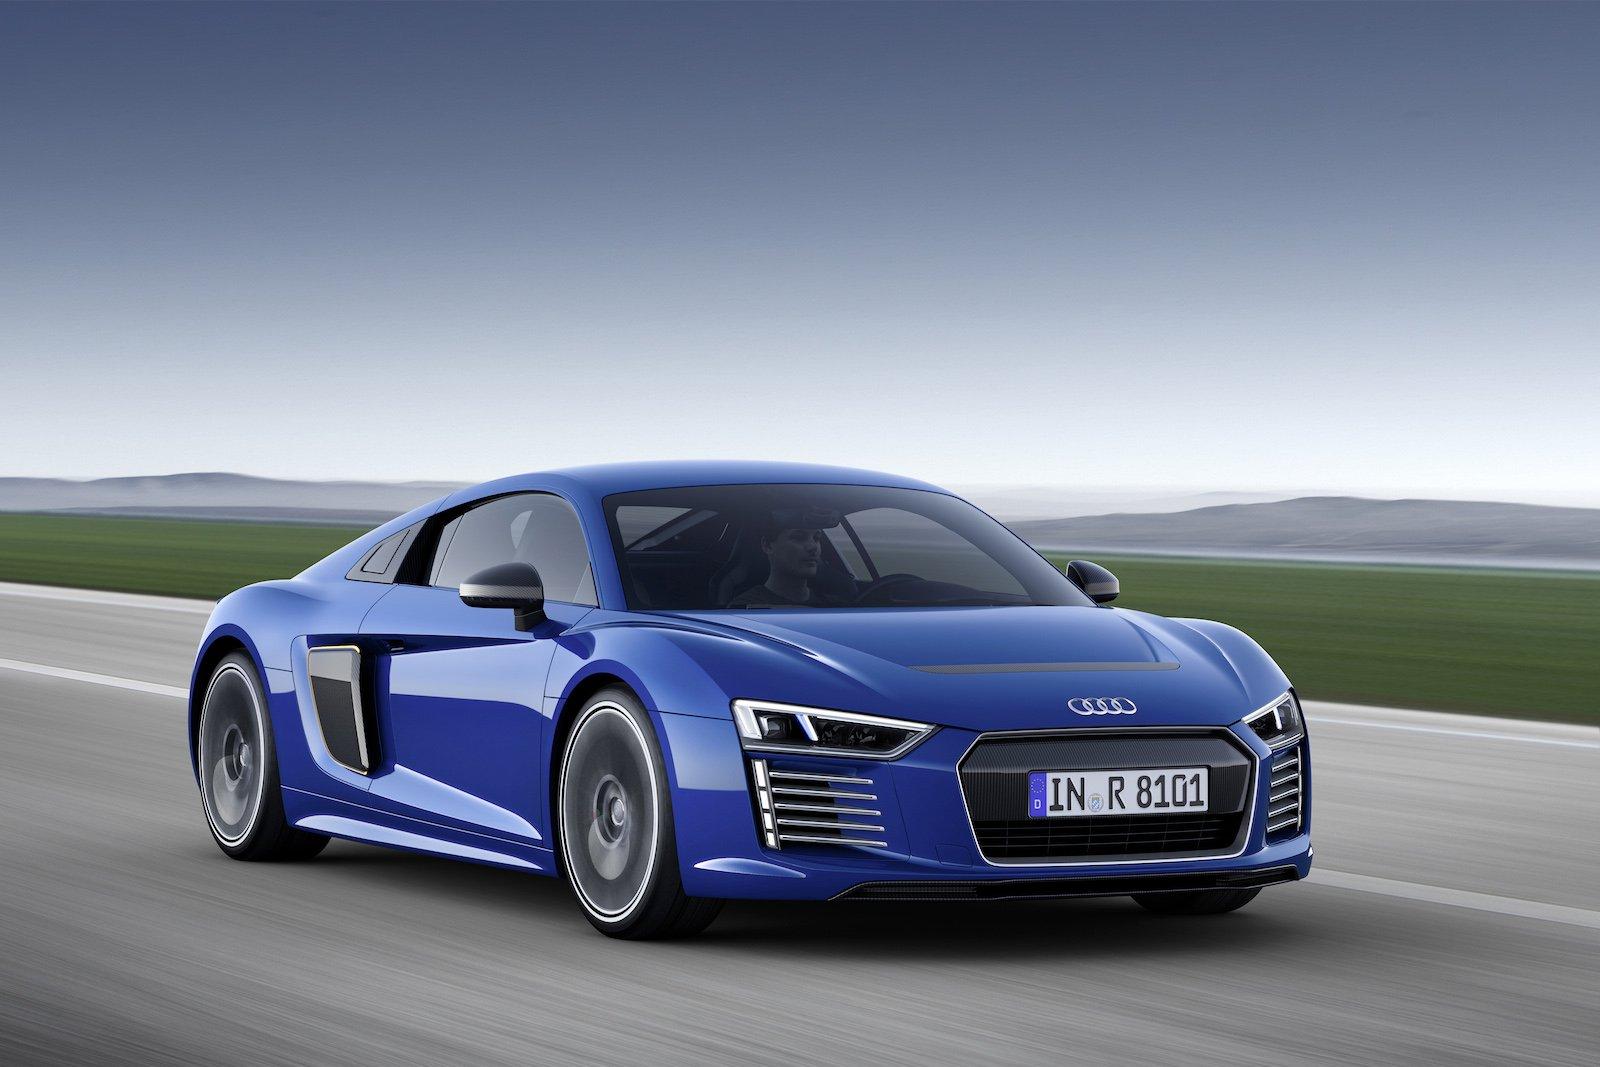 """Als """"mobiles Hightech-Labor"""" sieht Audi seinen R8 e-tron, der nur auf Kundenwunsch auch wirklich gebaut wird."""